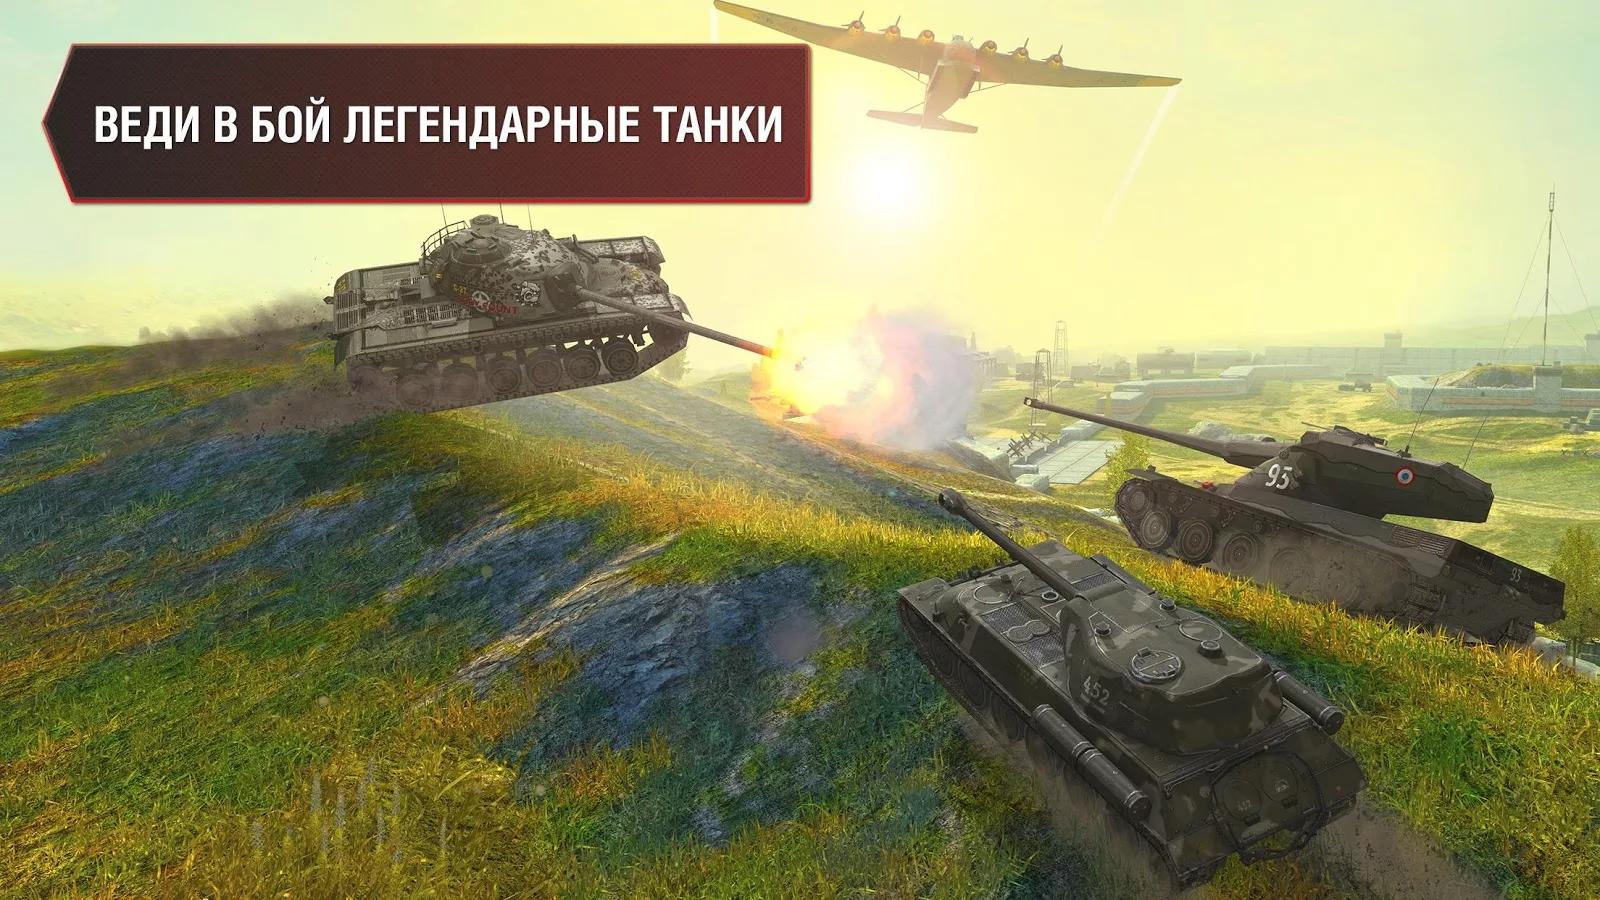 World of tanks blitz windows 10 скачать торрент.